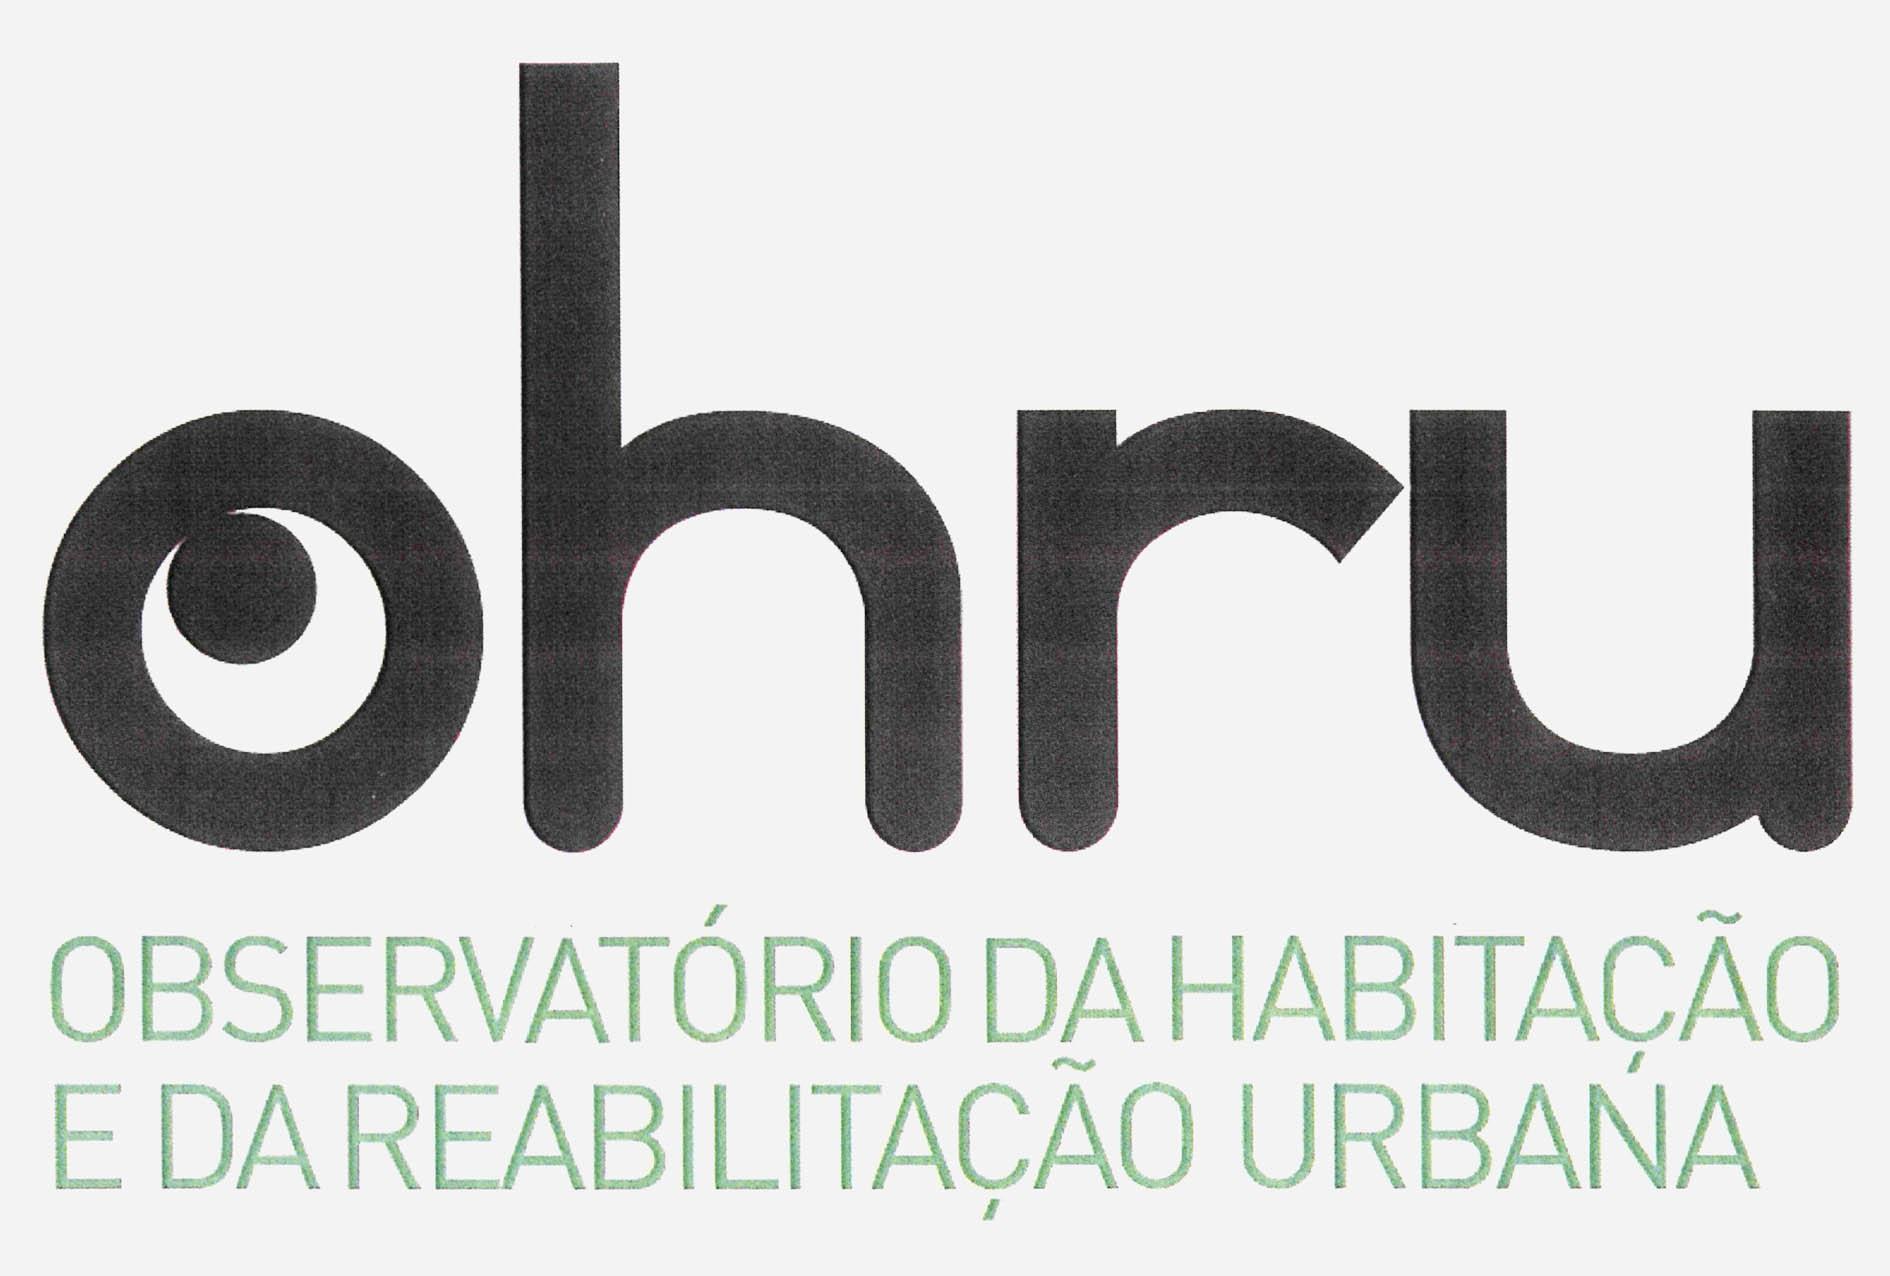 OHRU -Observatório da Habitação e da Reabilitação Urbana